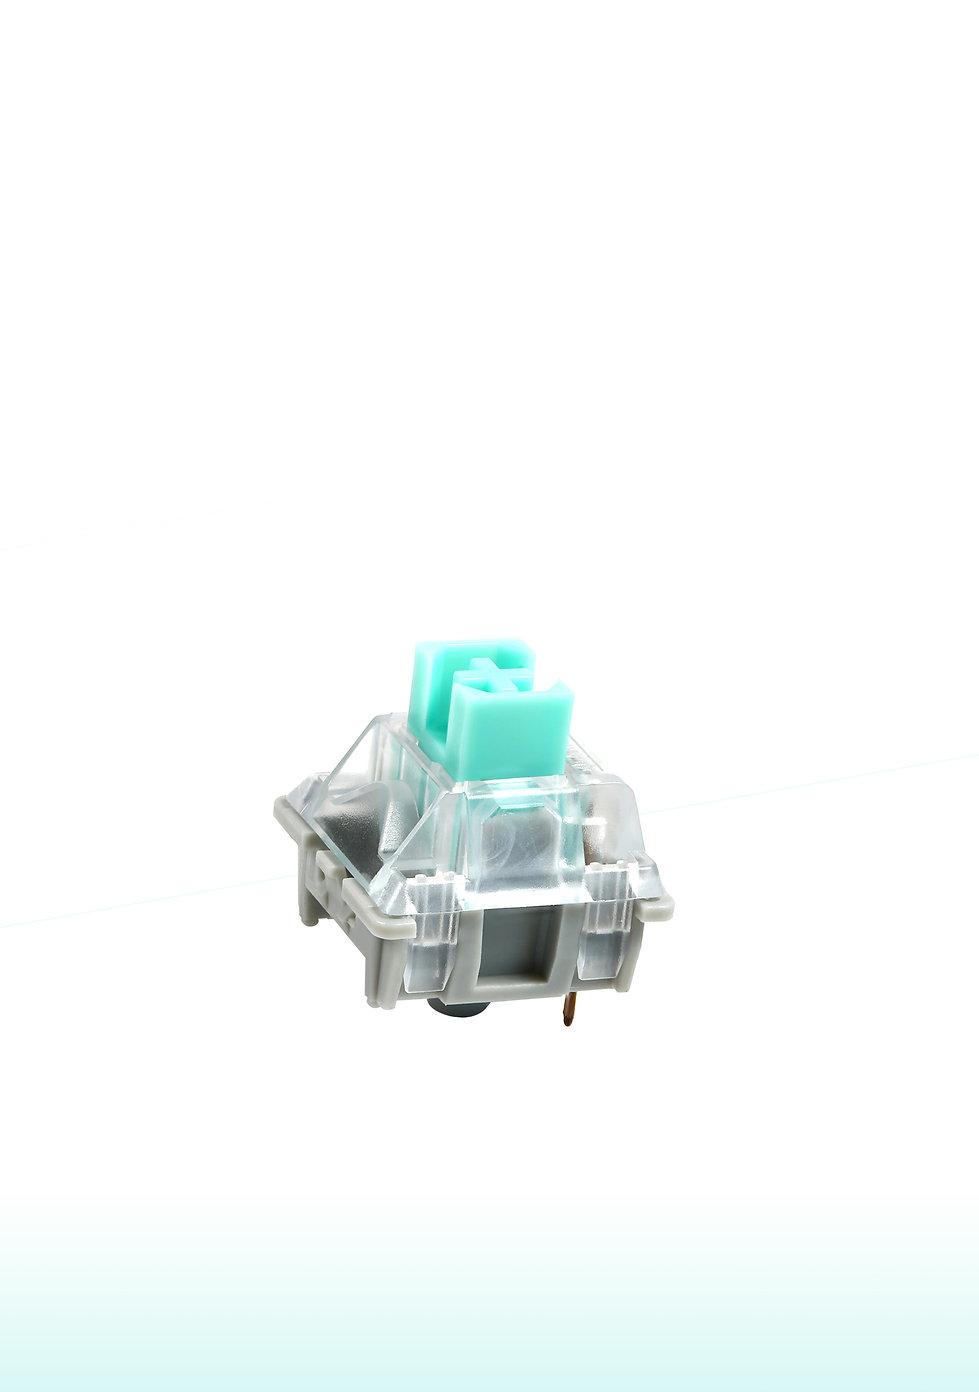 MMK Frog Linear Switch3.jpg